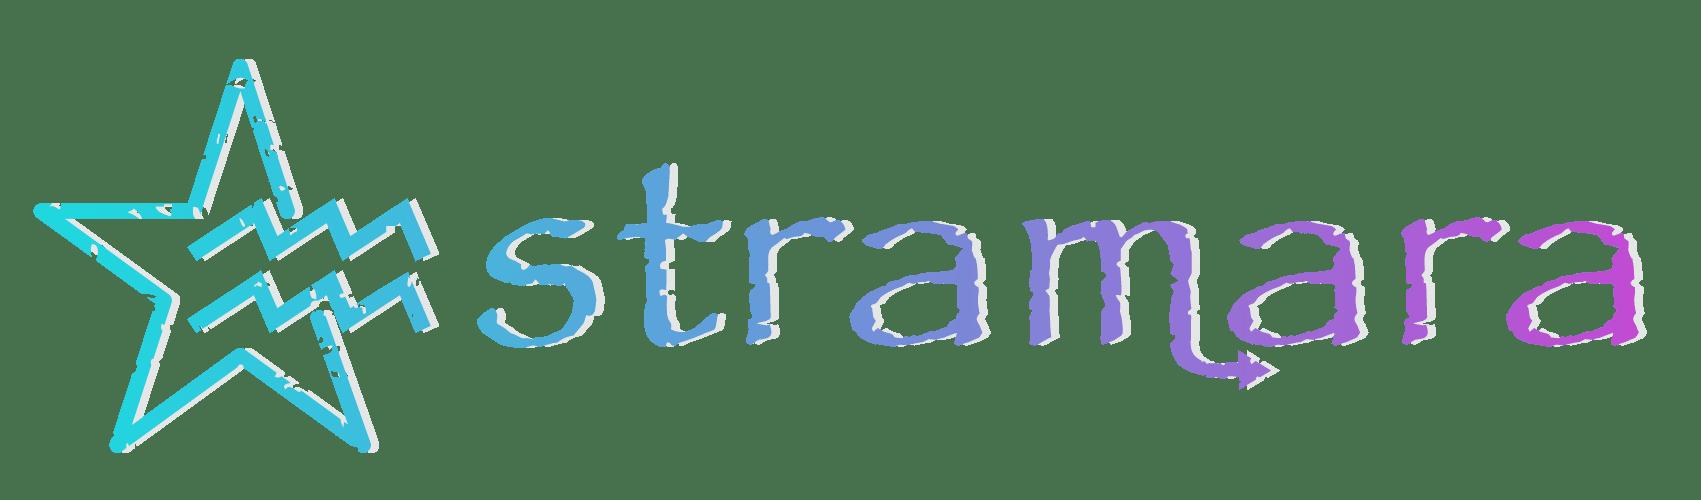 Astrologische Beratung: Astramara.de Logo